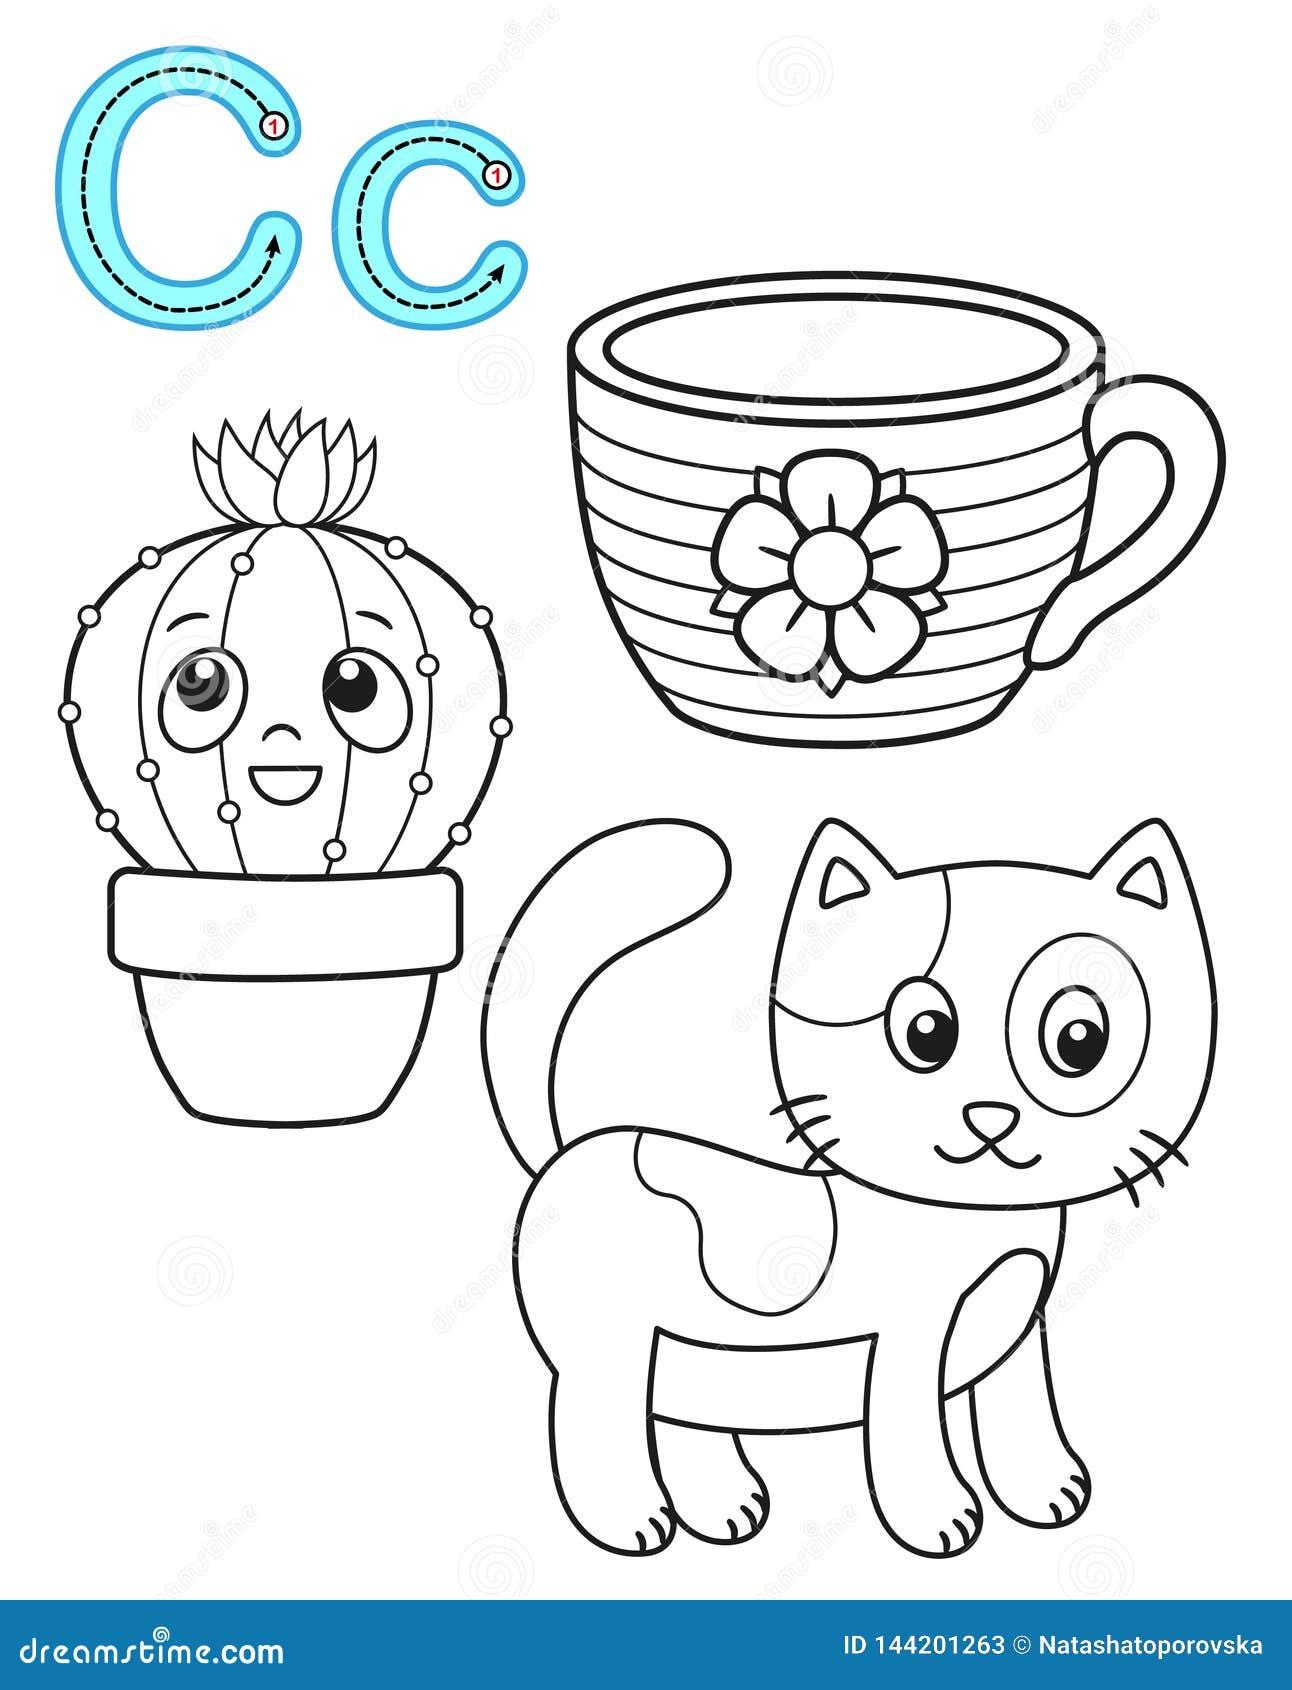 Printable kolorystyki strona dla dziecina i preschool Karta dla nauk angielszczyzn Wektorowy kolorystyki ksi??ki abecad?o Pisze l